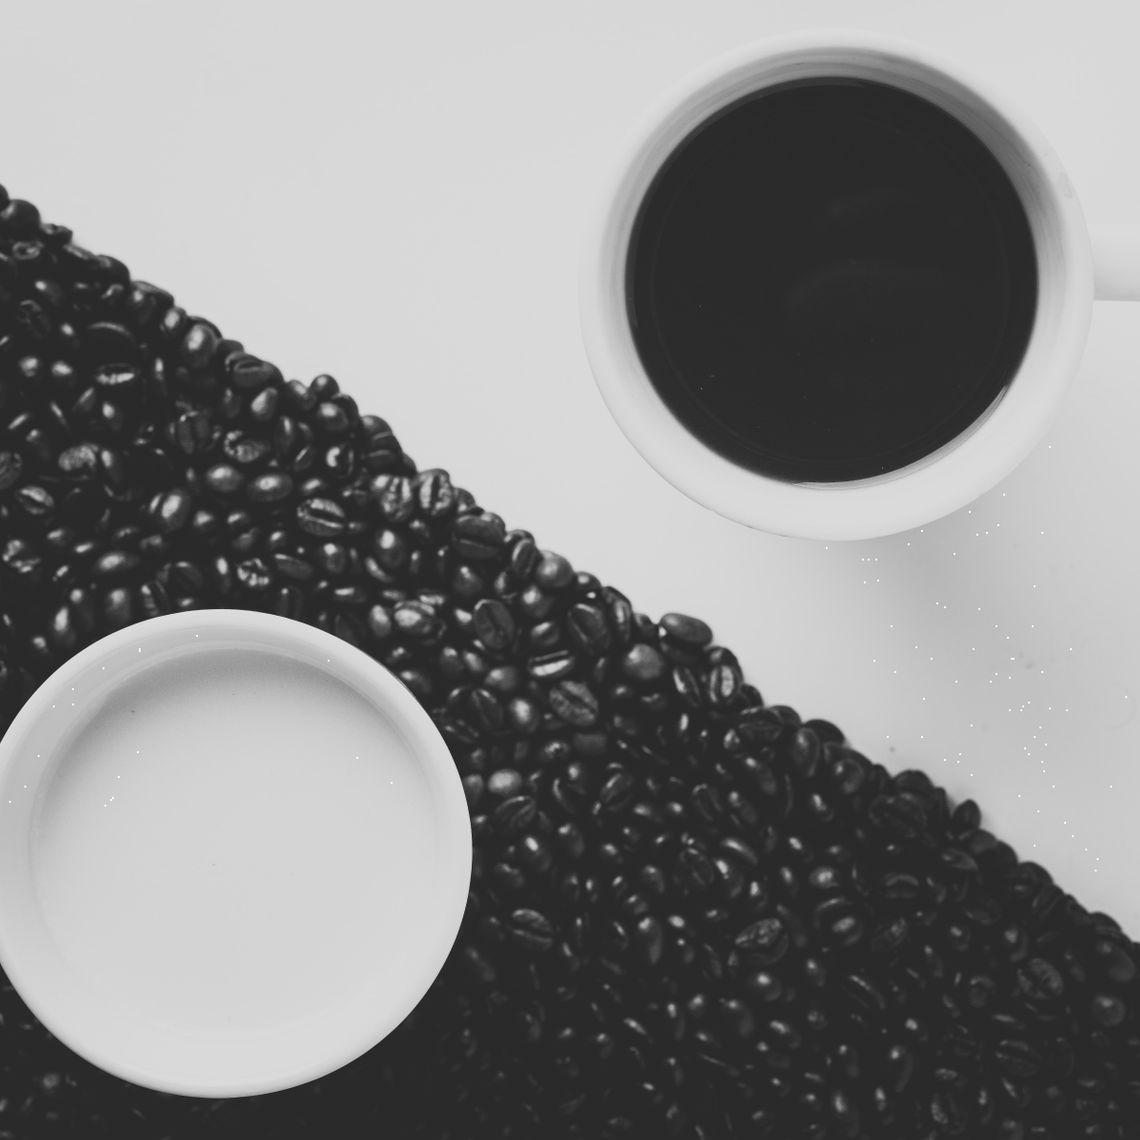 Obrazek - O roli mleka w kawie, czyli trzeci opcjonalny składnik